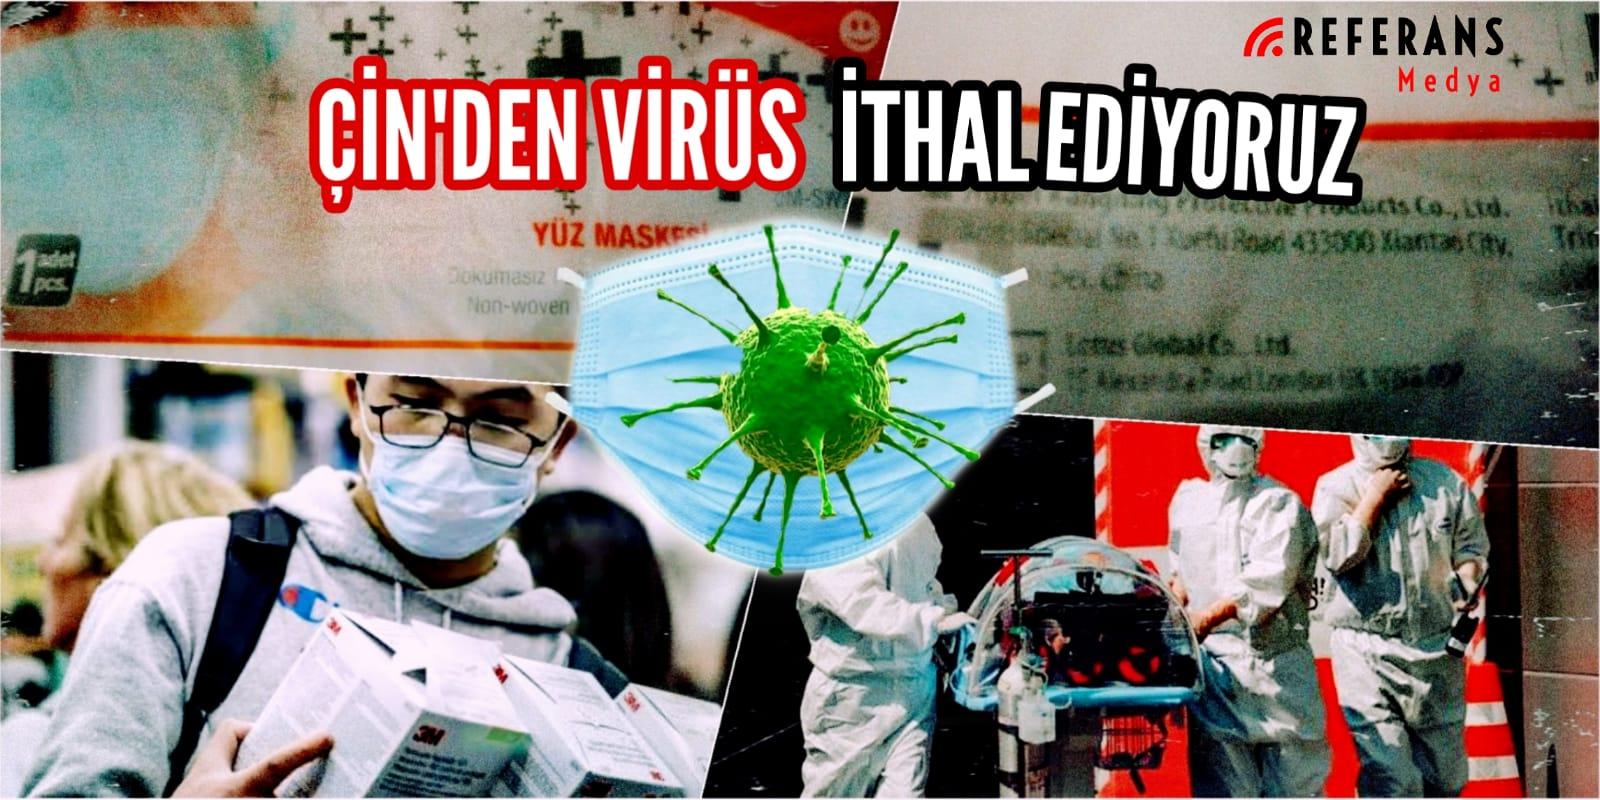 Çin'den virüs ithal ediyoruz